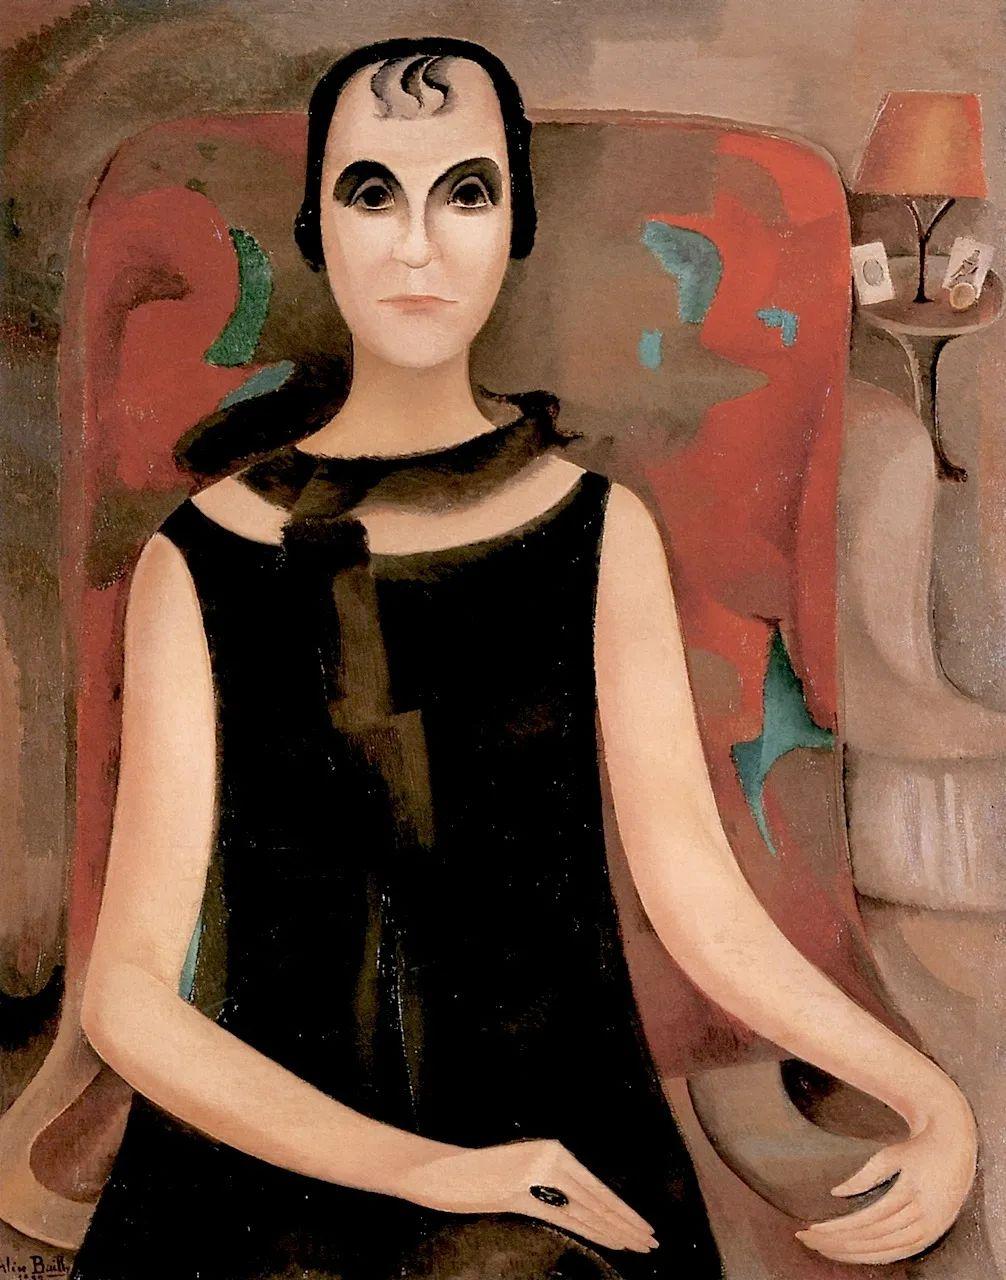 强烈的色彩和粗犷的线条,瑞士先锋派女画家艾丽丝·贝利!插图49